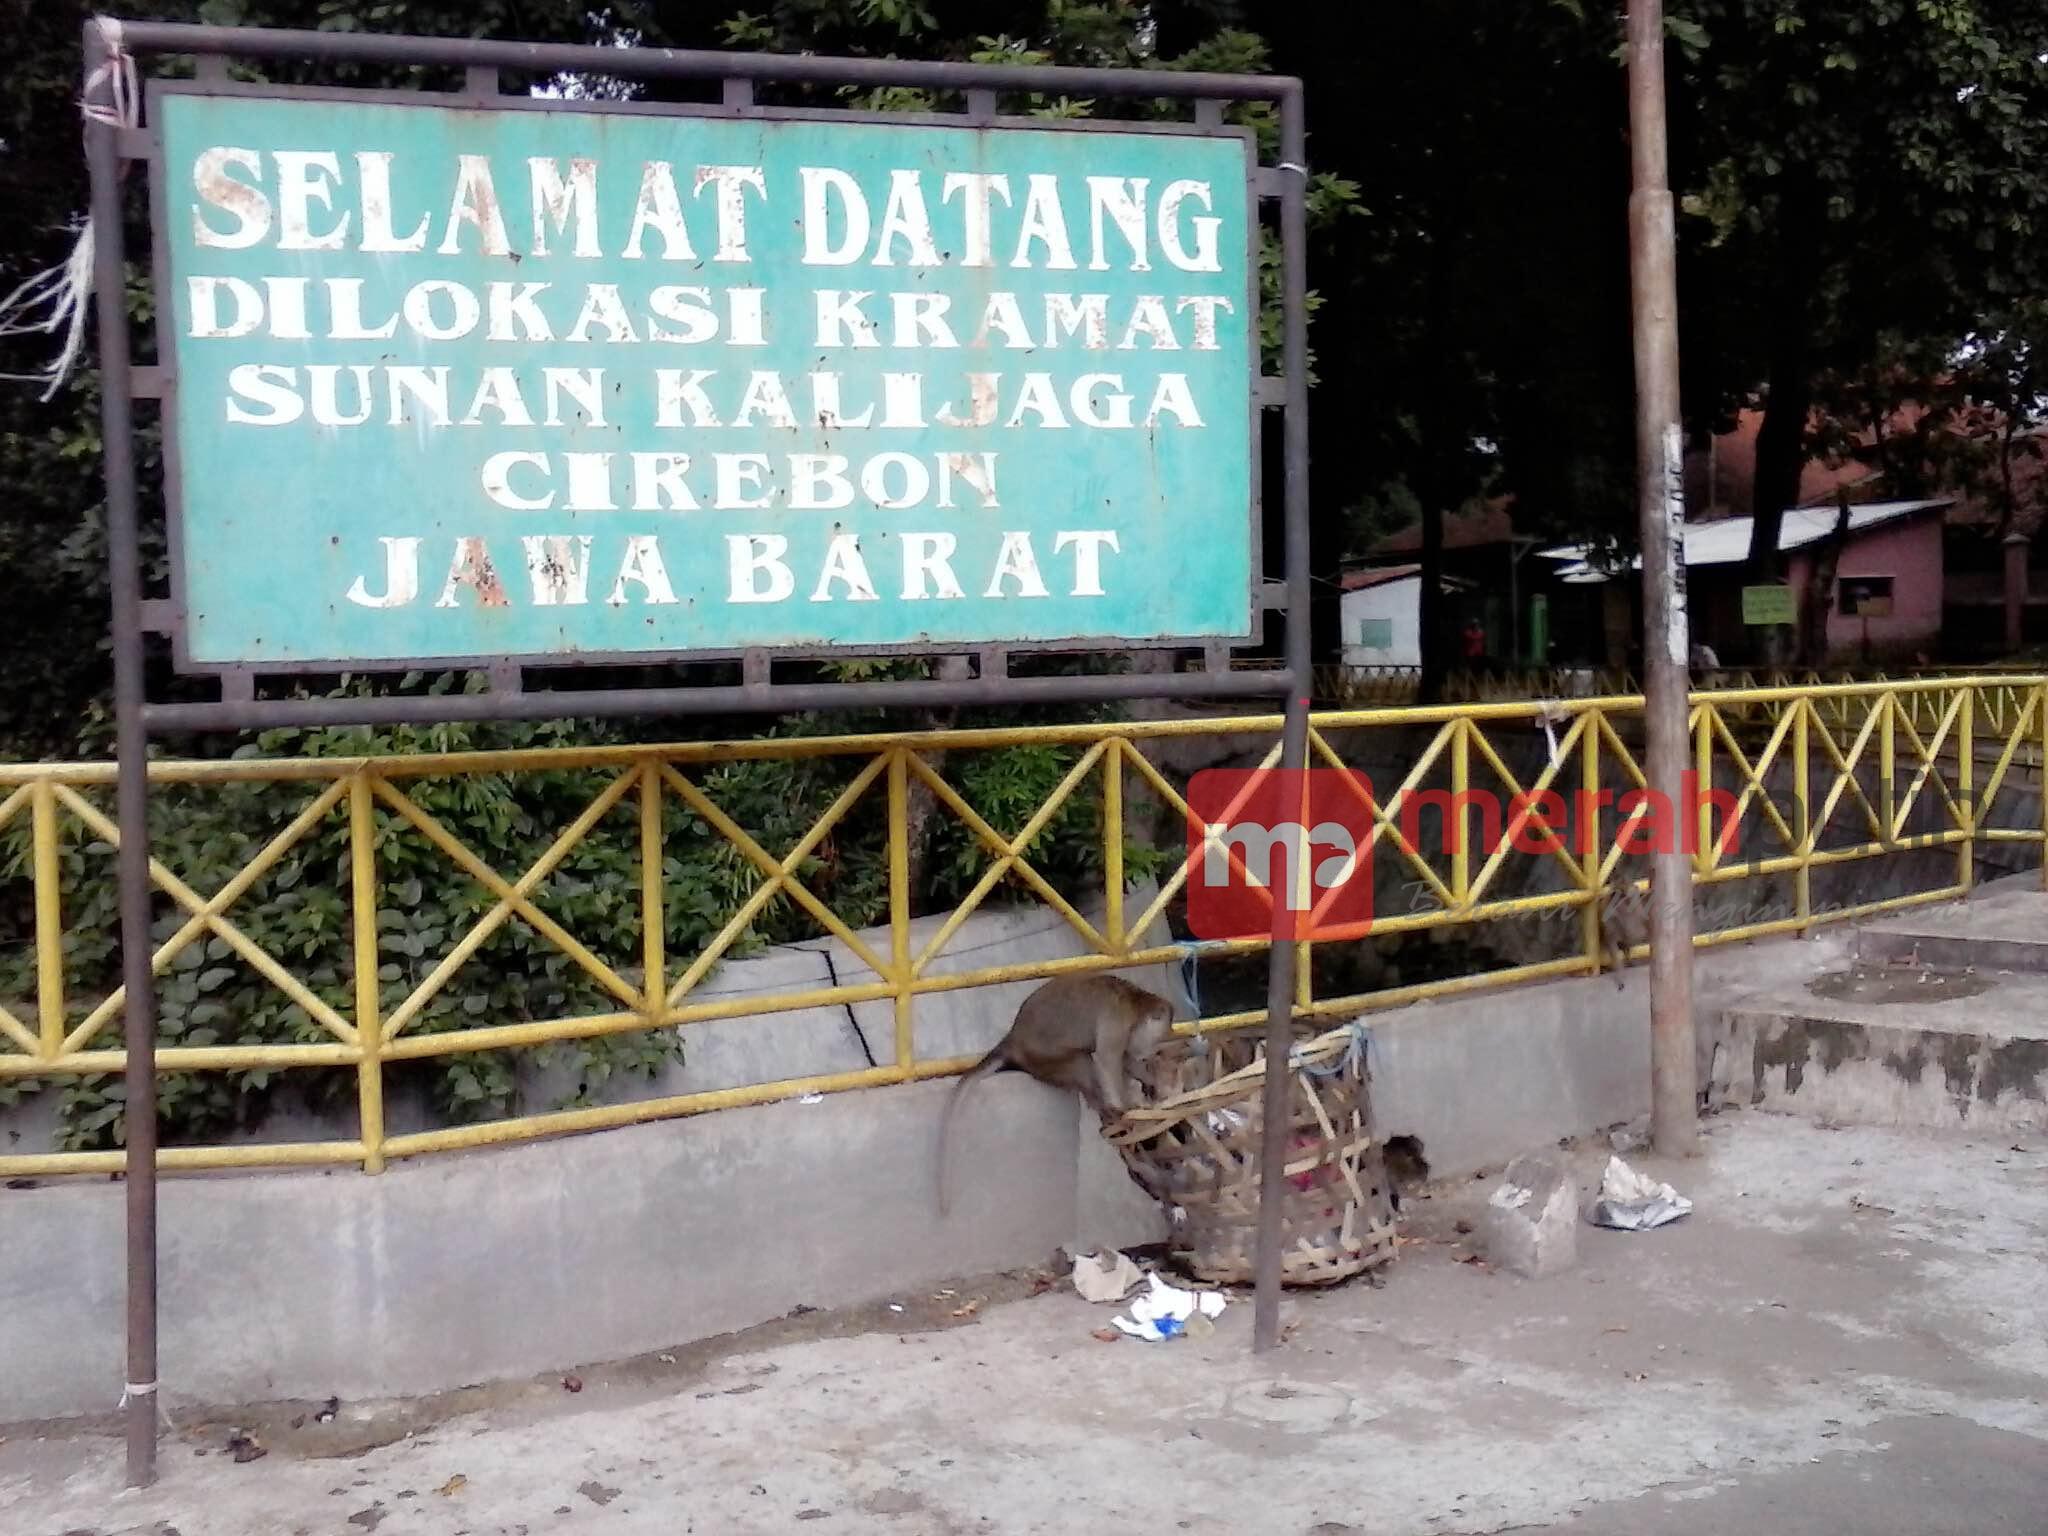 Kanjeng Sunan Kalijaga Merahputih Wisata Religi Petilasan Cirebon Kab Gresik